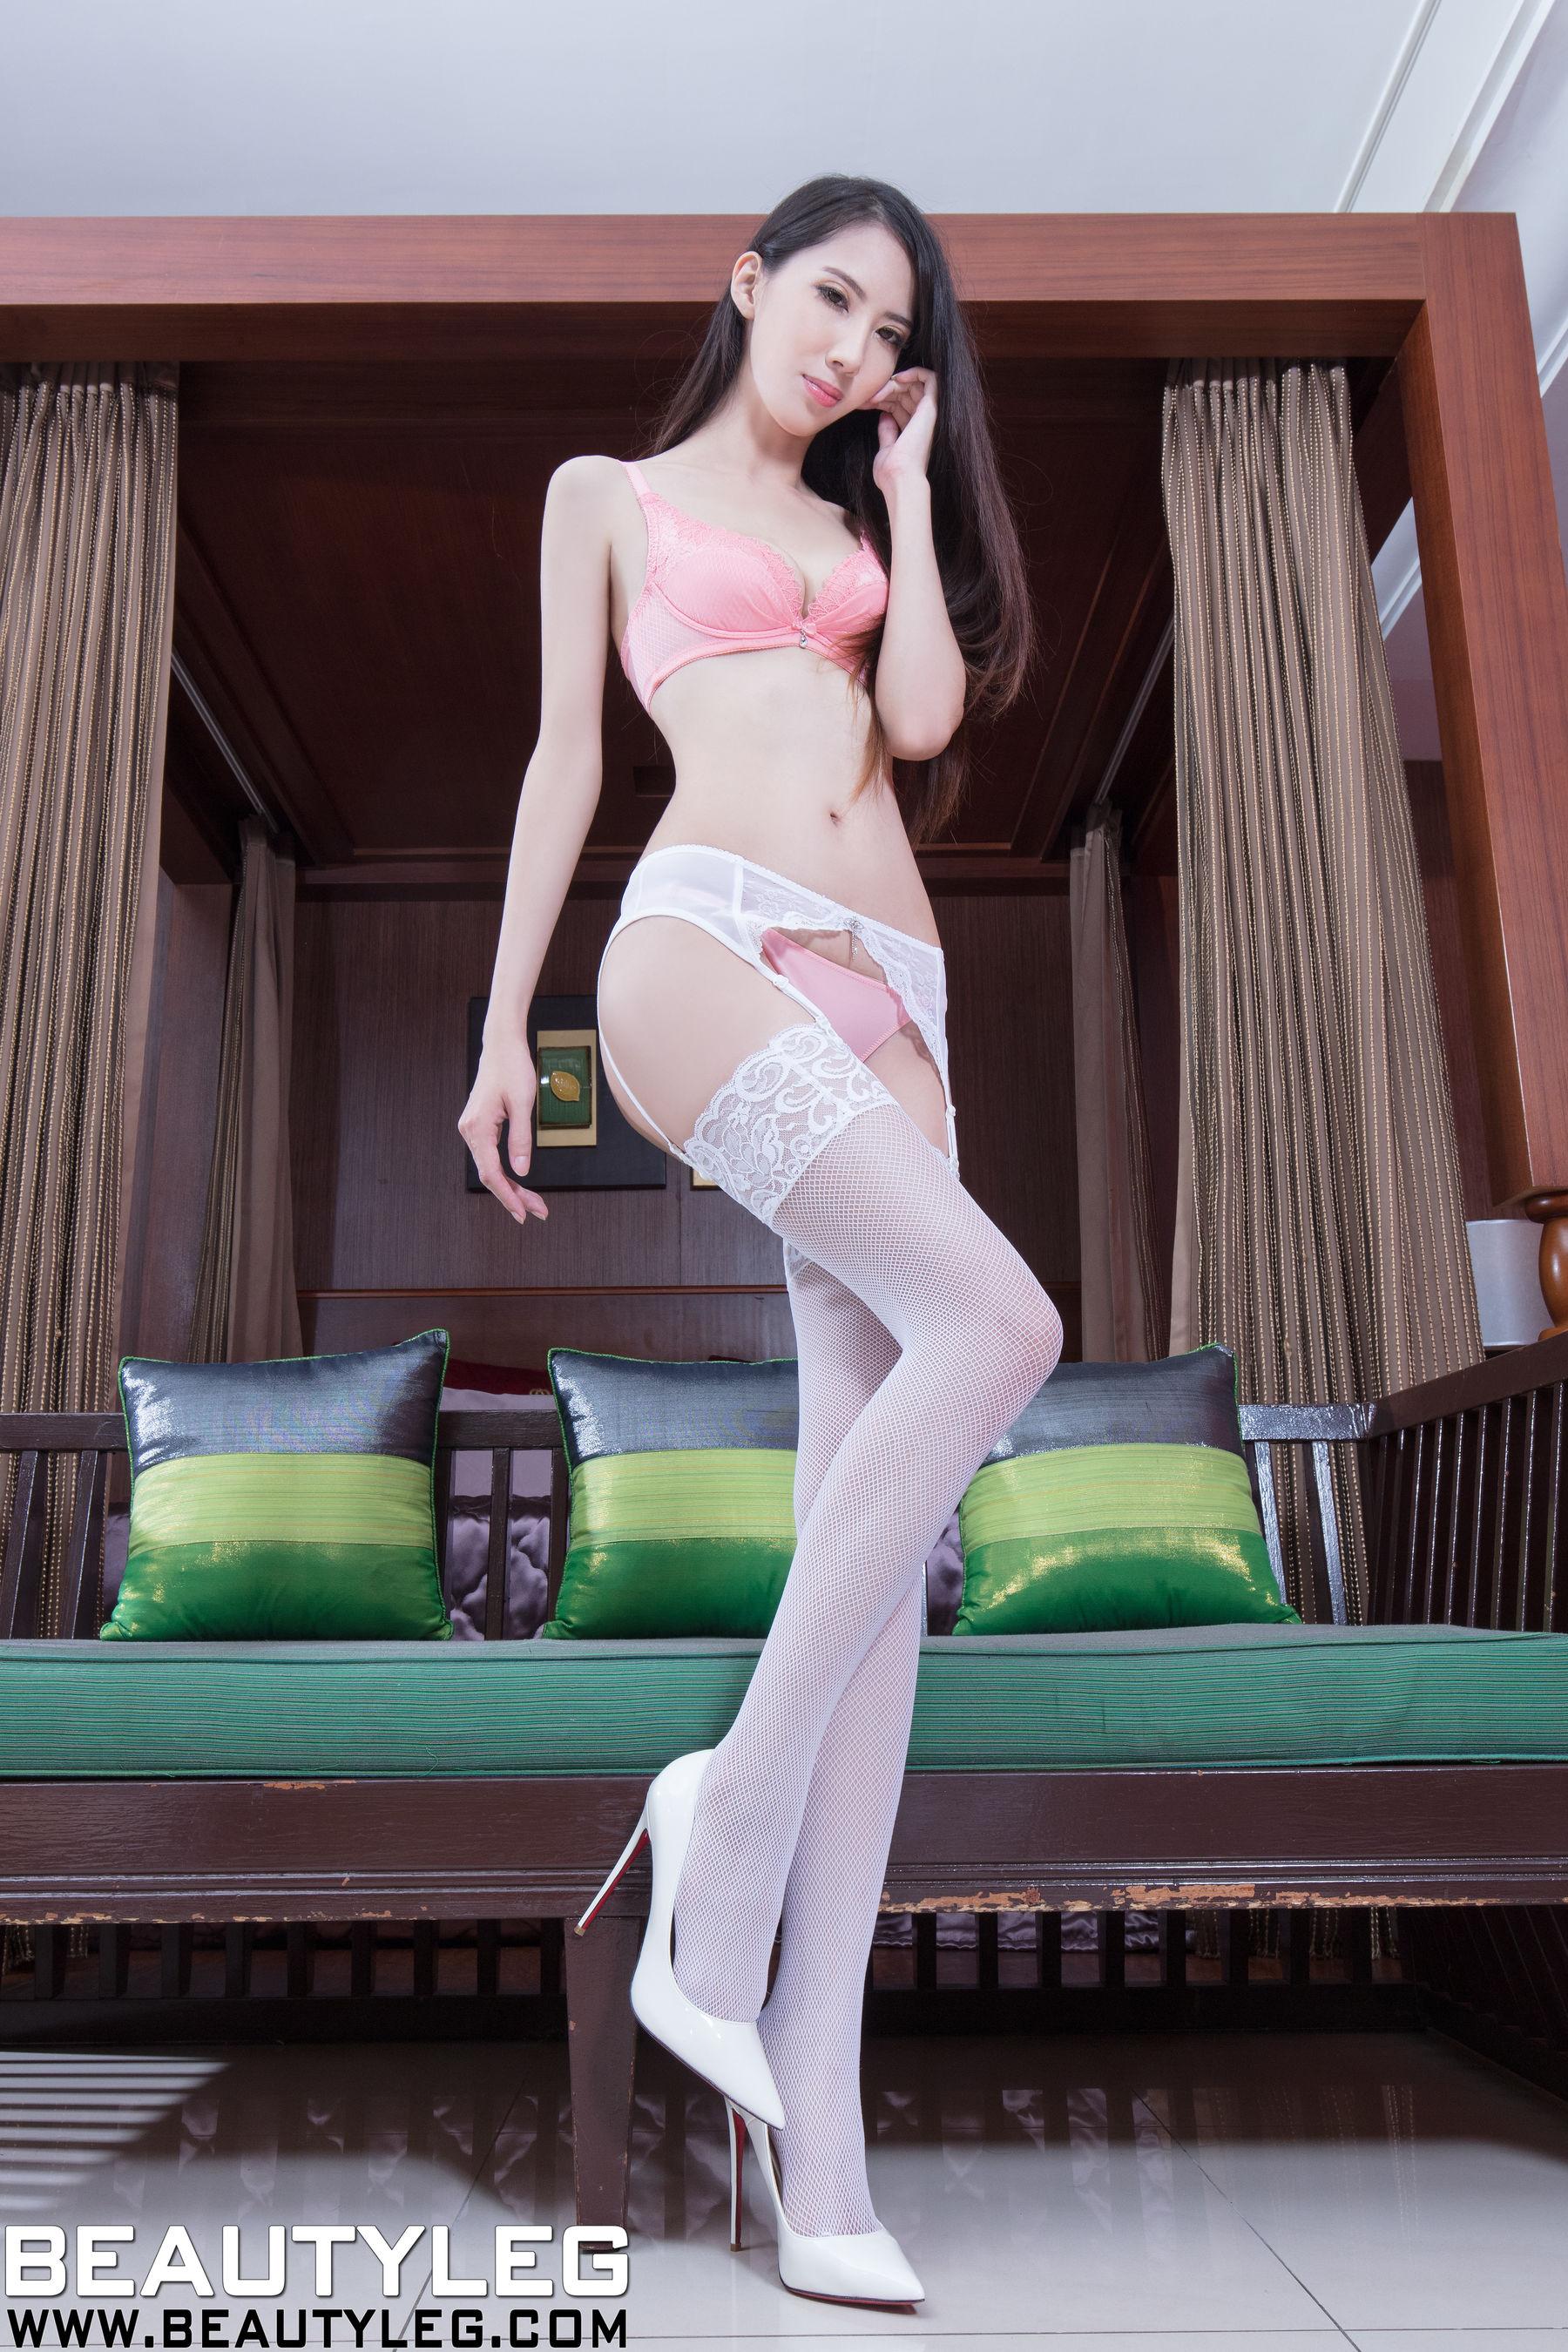 VOL.3 [Beautyleg]丝袜美腿高跟白丝:童采萱(Beautyleg Yoyo,腿模Yoyo)超高清个人性感漂亮大图(41P)